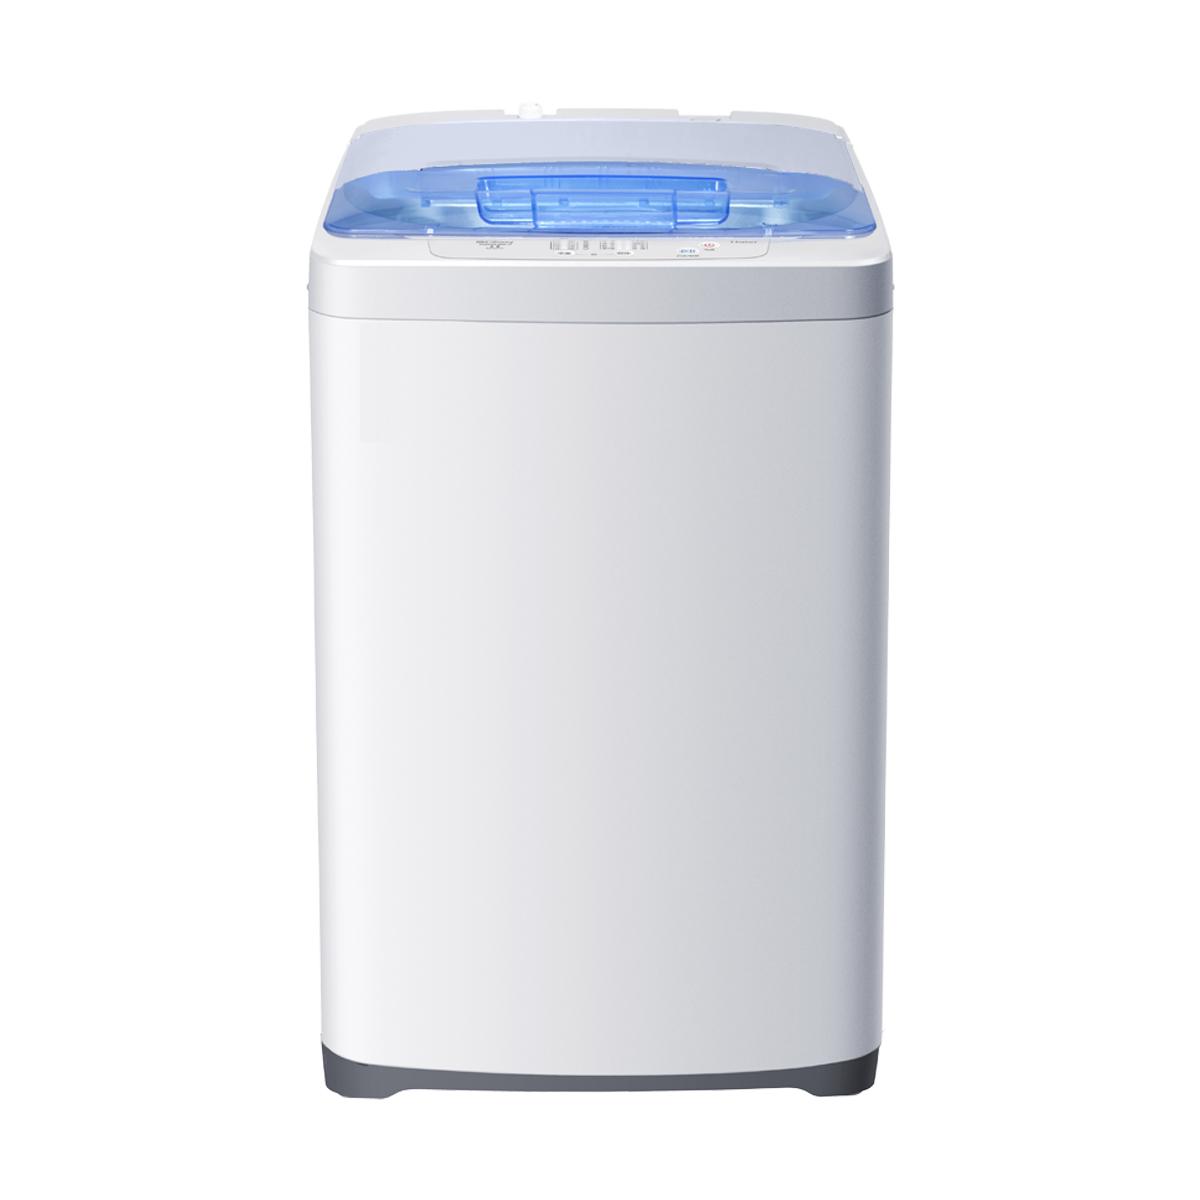 海尔Haier洗衣机 XQB50-M918 说明书